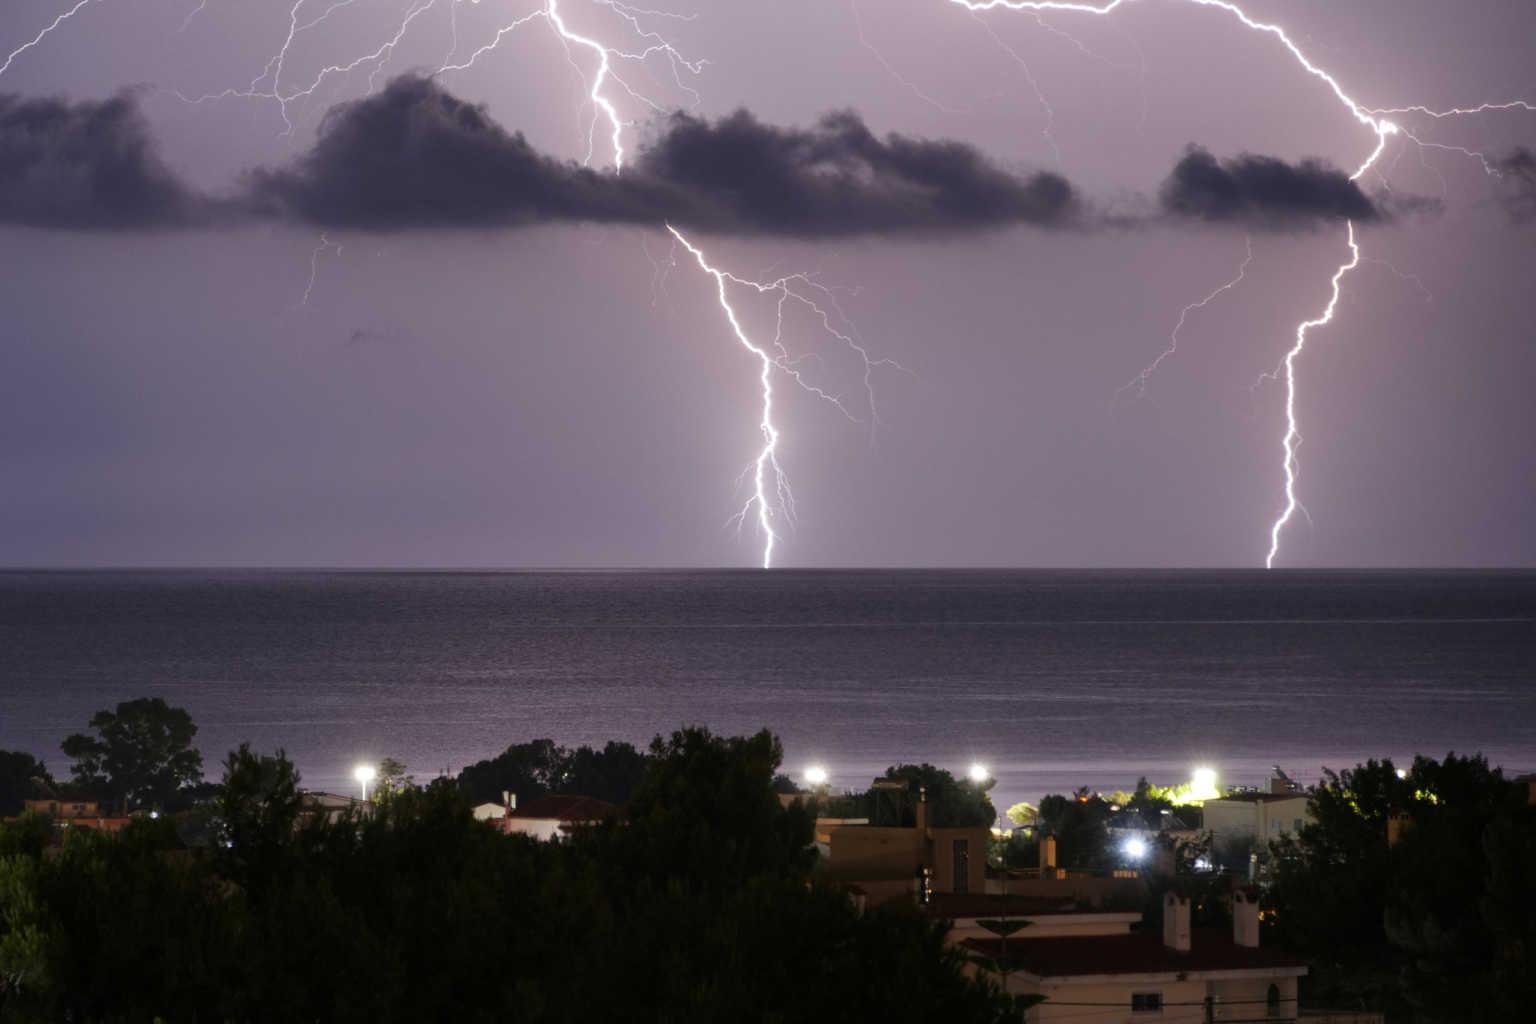 Καιρός αύριο: Έρχονται βροχές και μπόρες – Θυελλώδεις άνεμοι